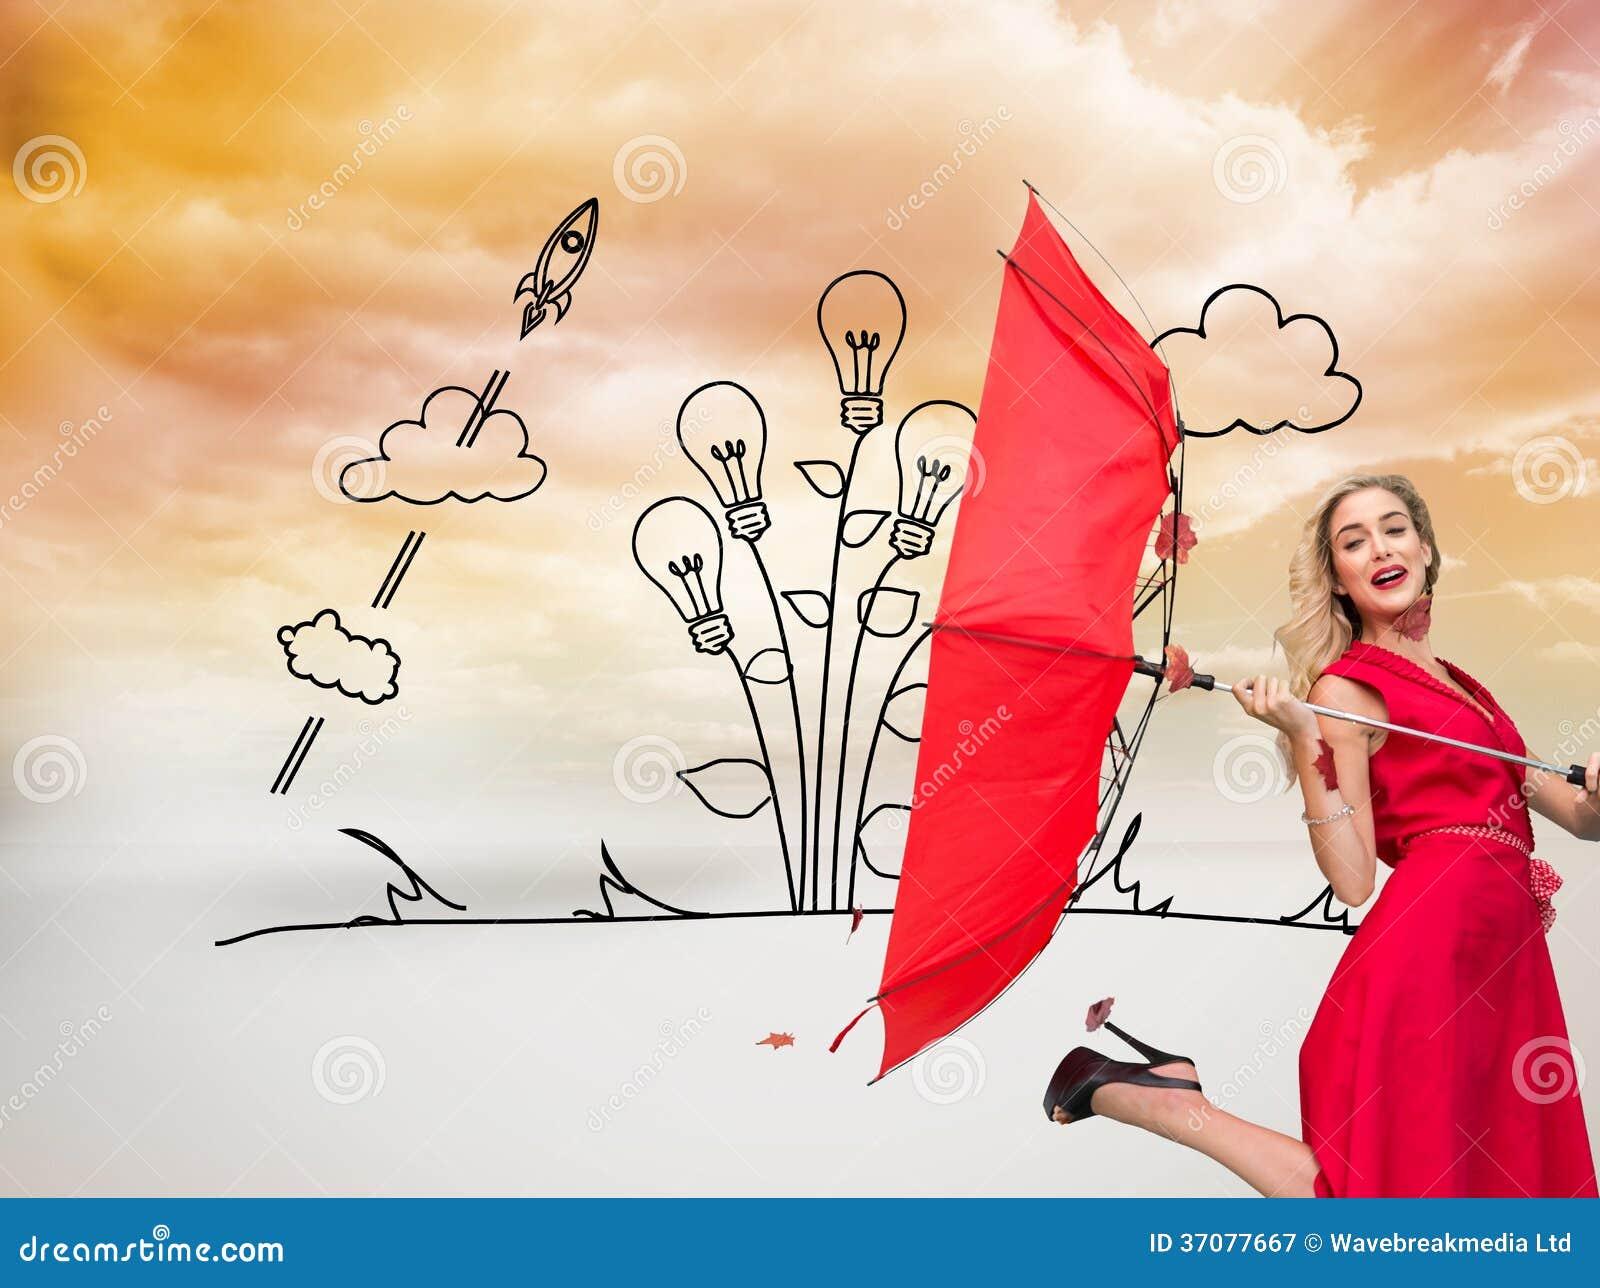 Download Elegancki Blondynki Mienia Parasol Ilustracji - Ilustracja złożonej z rozwojowy, grafika: 37077667